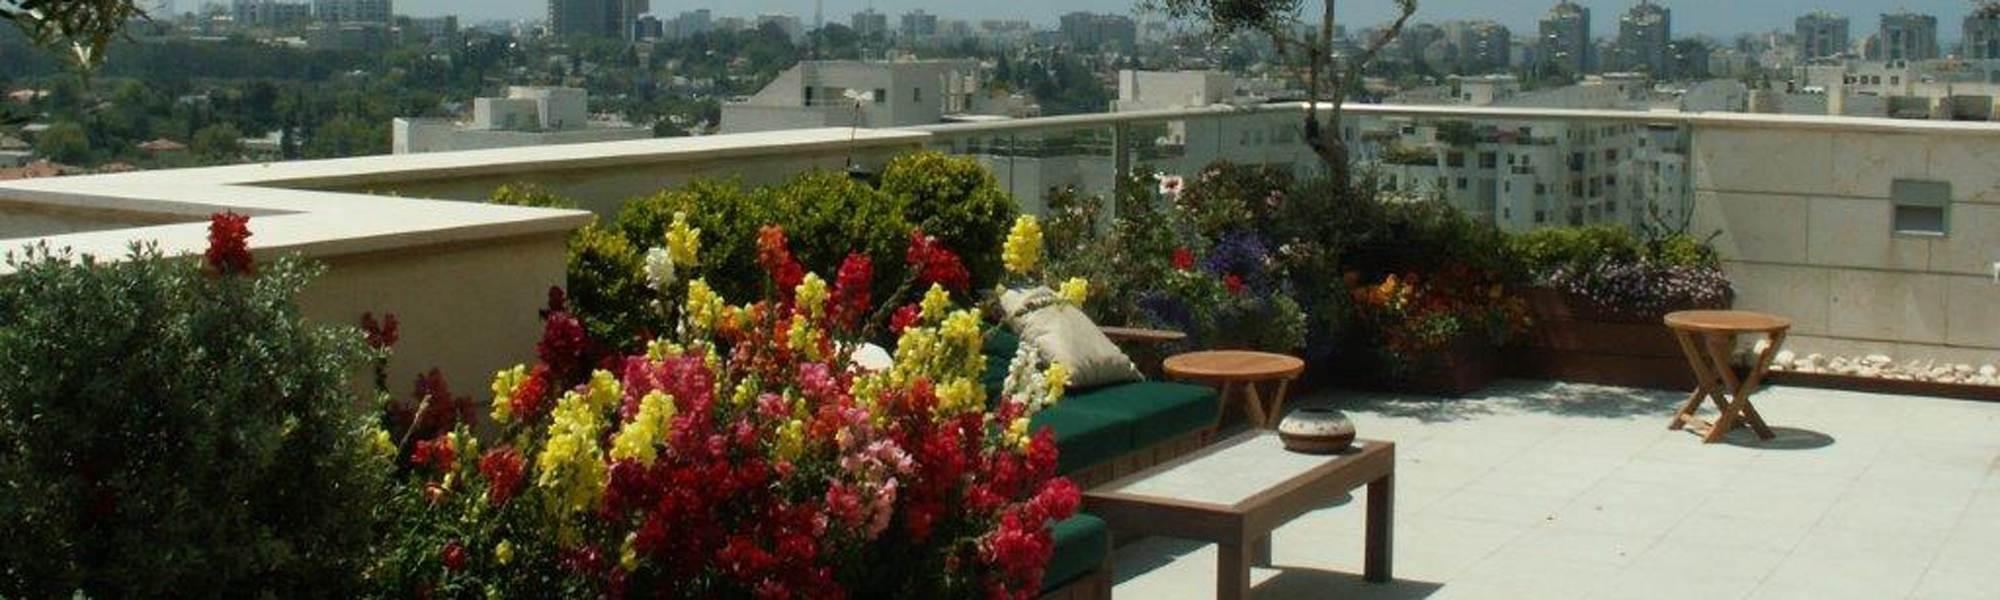 גינת גג מעוצבת עם פרחים צבעוניים